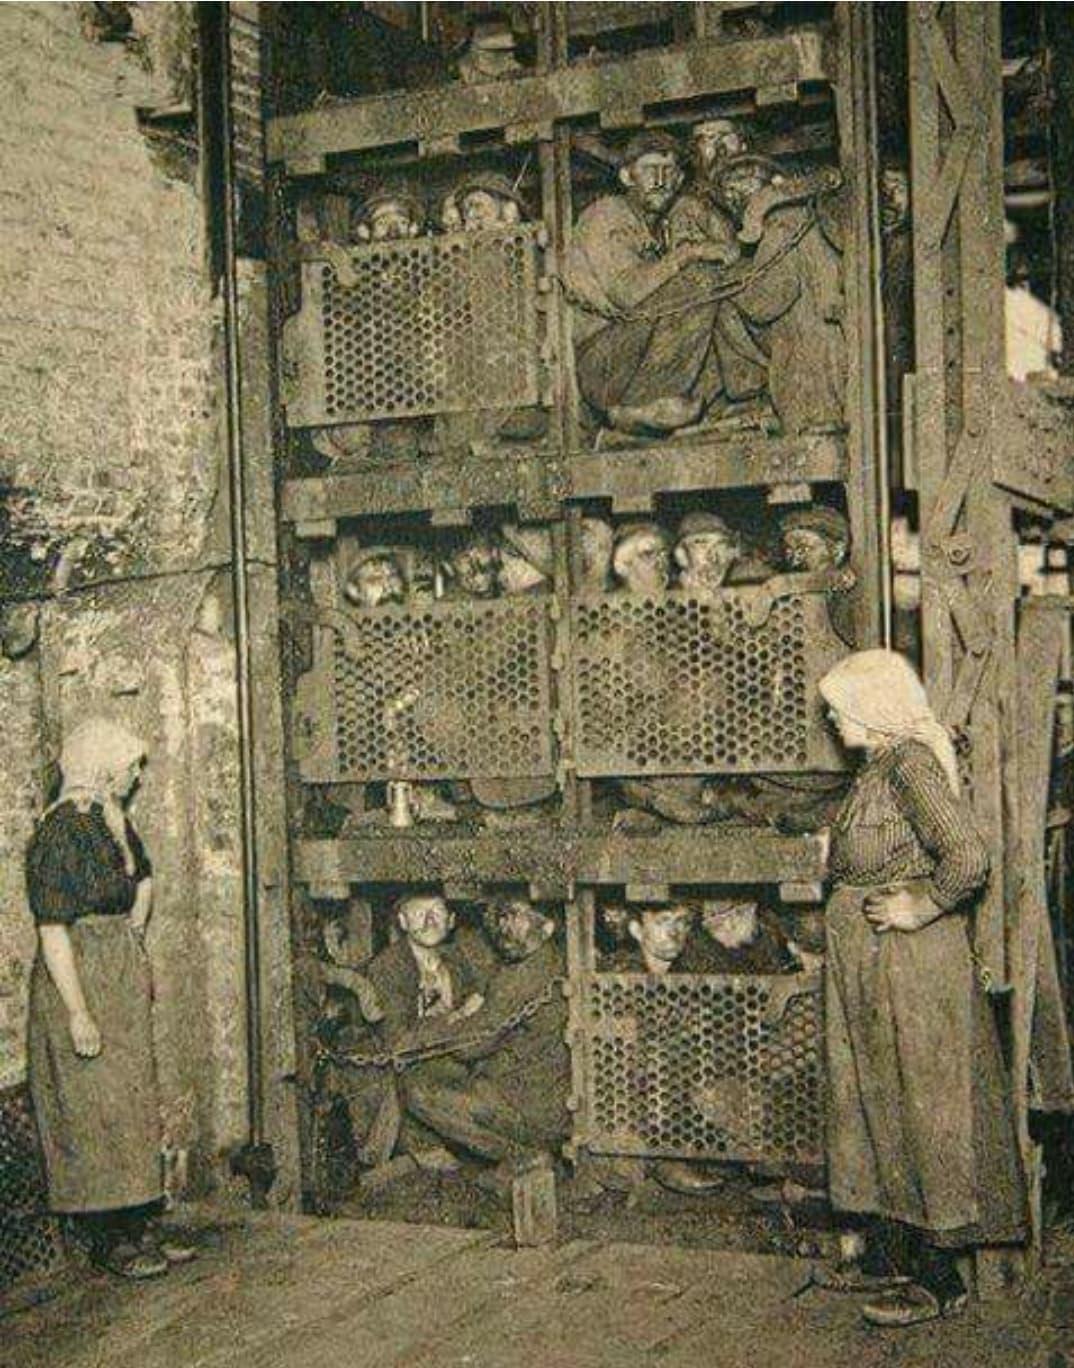 Bár többen jelezték, hogy a kép Nyugat-Virginiai bányászokat ábrázol, de az Appalachian Magazine már amiatt is szkepticizmusát fejezte ki, hogy a kép egyáltalán Amerikából származik-e. <br />Véleményük szerint a képen olasz munkavállalók láthatók egy belga bányában az 1900-as évek elején. Ezt az állításukat többek között a fából készült cipőkkel és a felvonót üzemeltető nőkkel támasztották alá. <br />